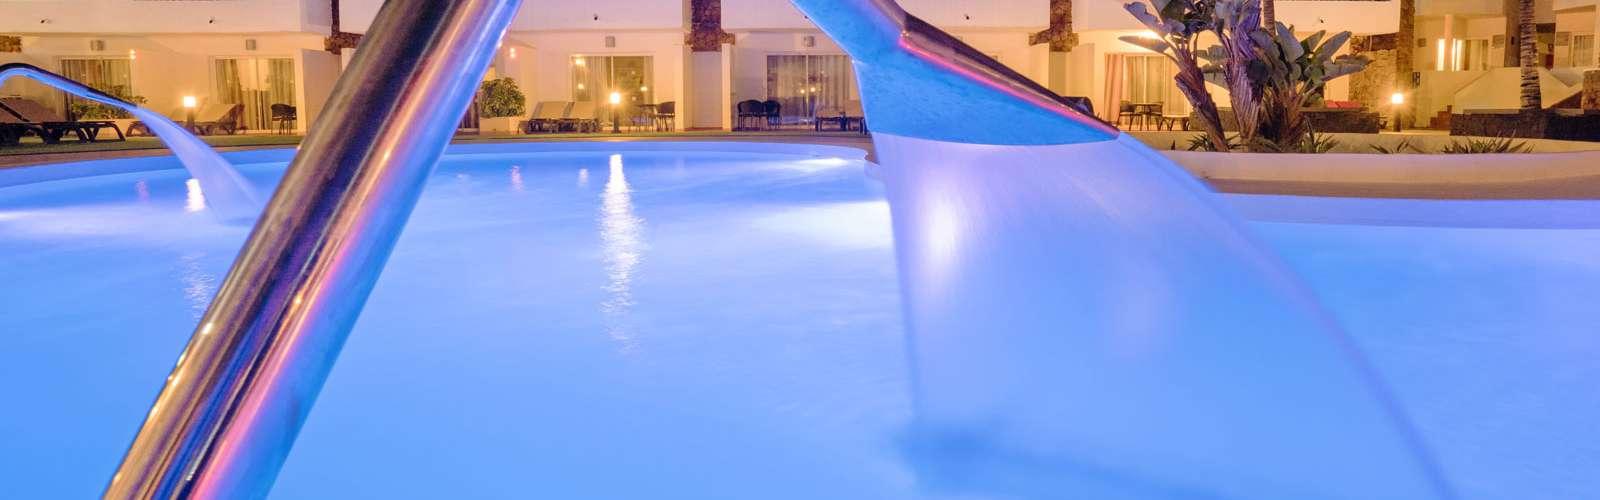 Hotel en Lanzarote Sólo Adultos  | Club Siroco Web Oficial